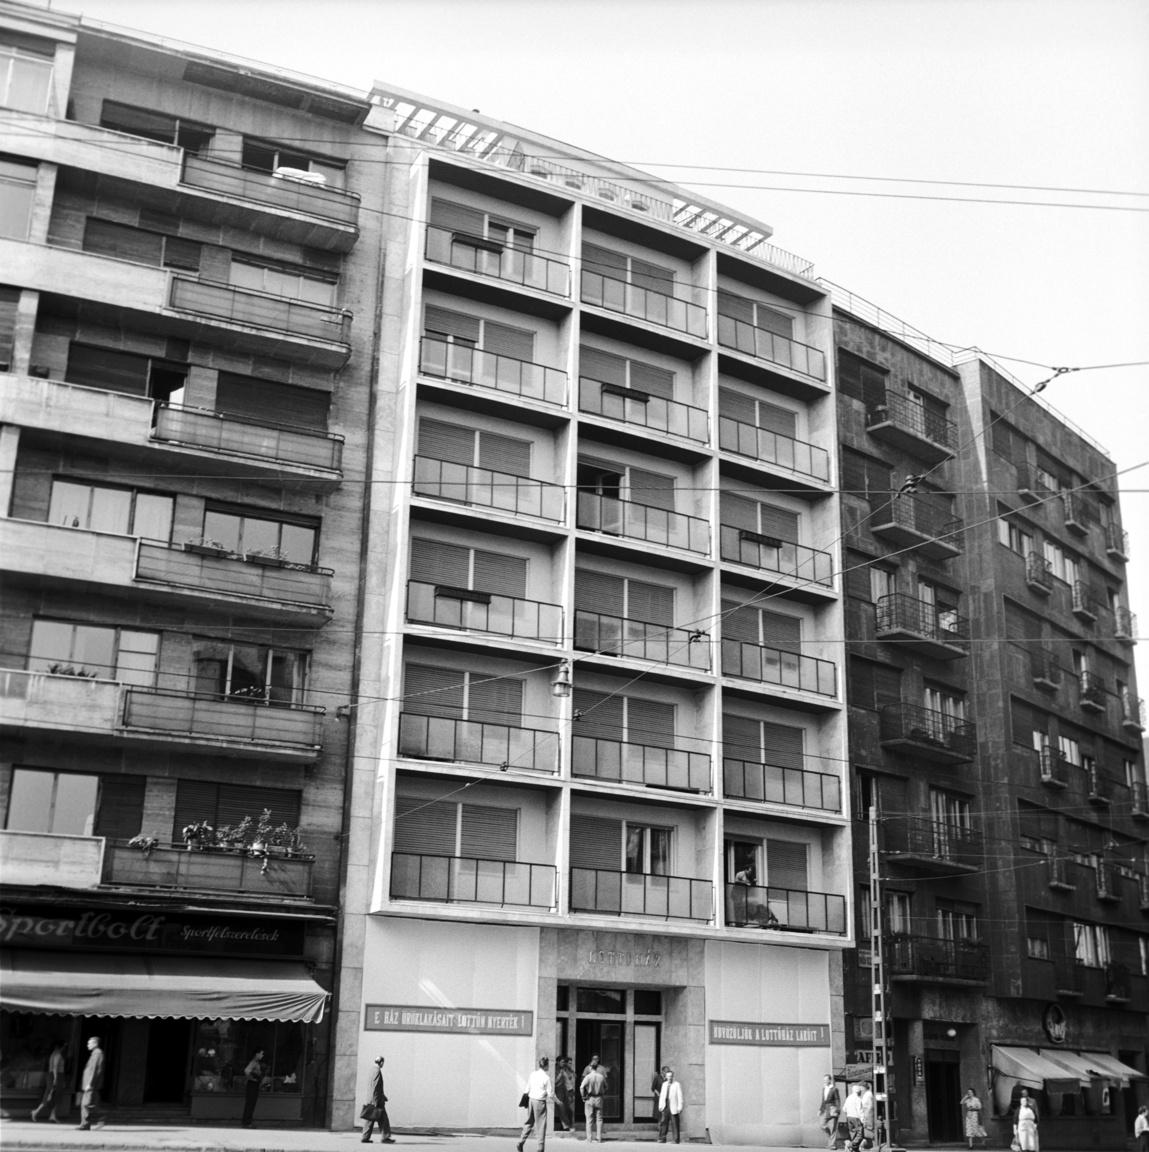 Az első Lottóház a Mártírok útján (ma Margit körút), nem sokkal az átadás előtt 1958-banA 7 emeletes ház mintegy 4 millió forintos költséggel, 14 hónap alatt készült el, természetesen a határidő előtt. Húsz lottónyertes kapott kulcsot az egy vagy kétszobás, illetve a kisebb garzon öröklakásokhoz.